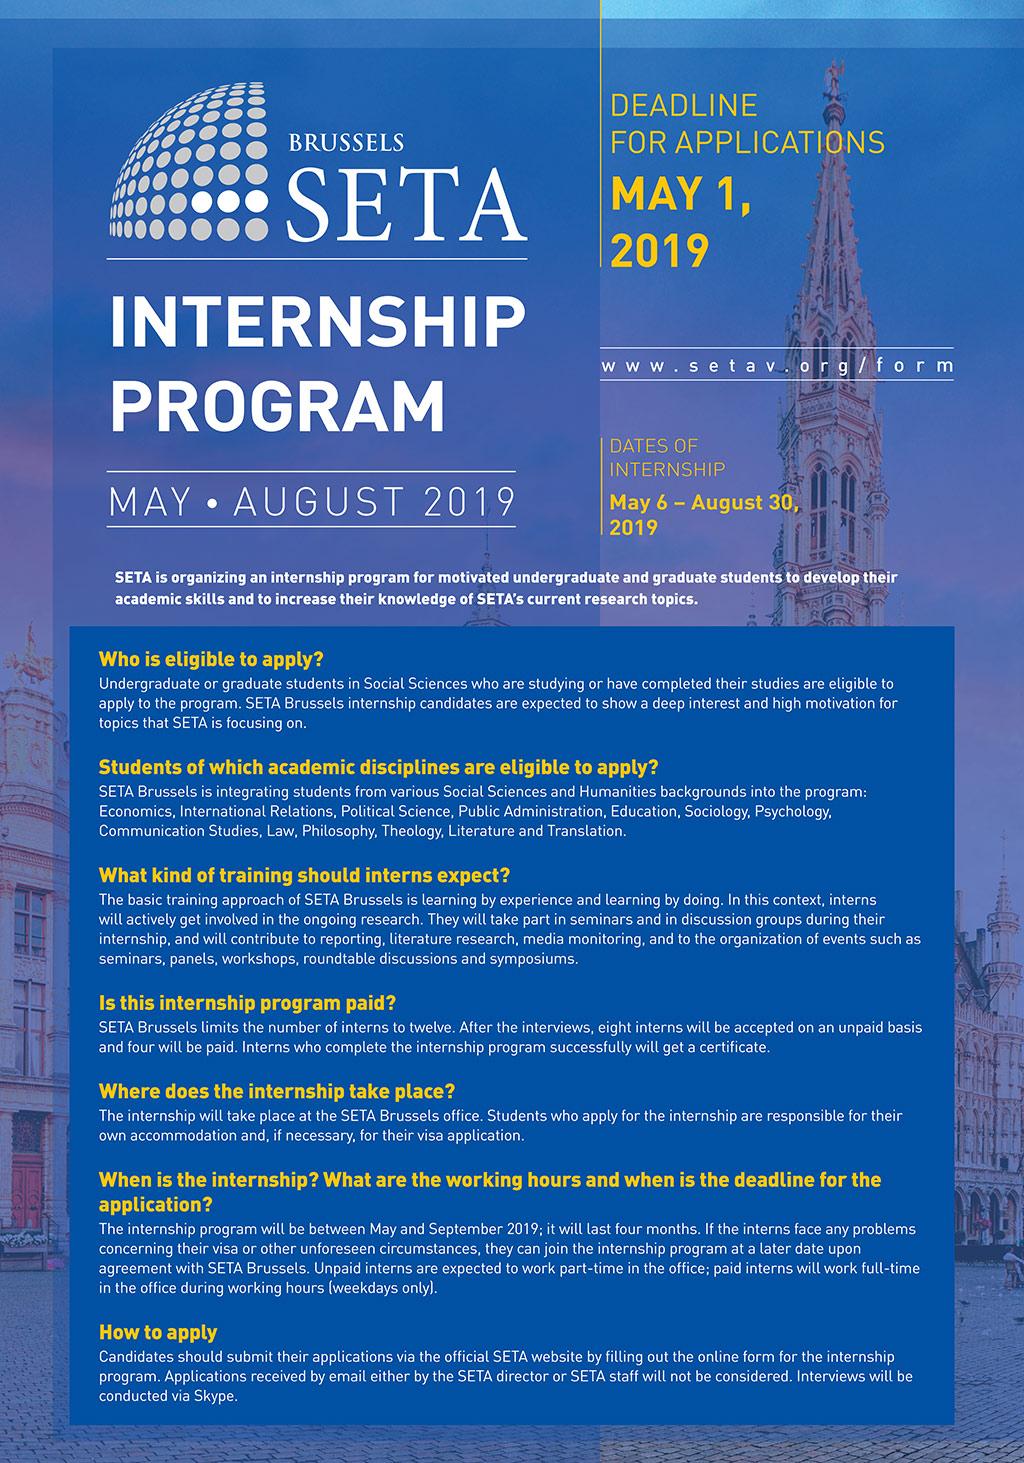 SETA Brussels 2019 Summer Internship Program